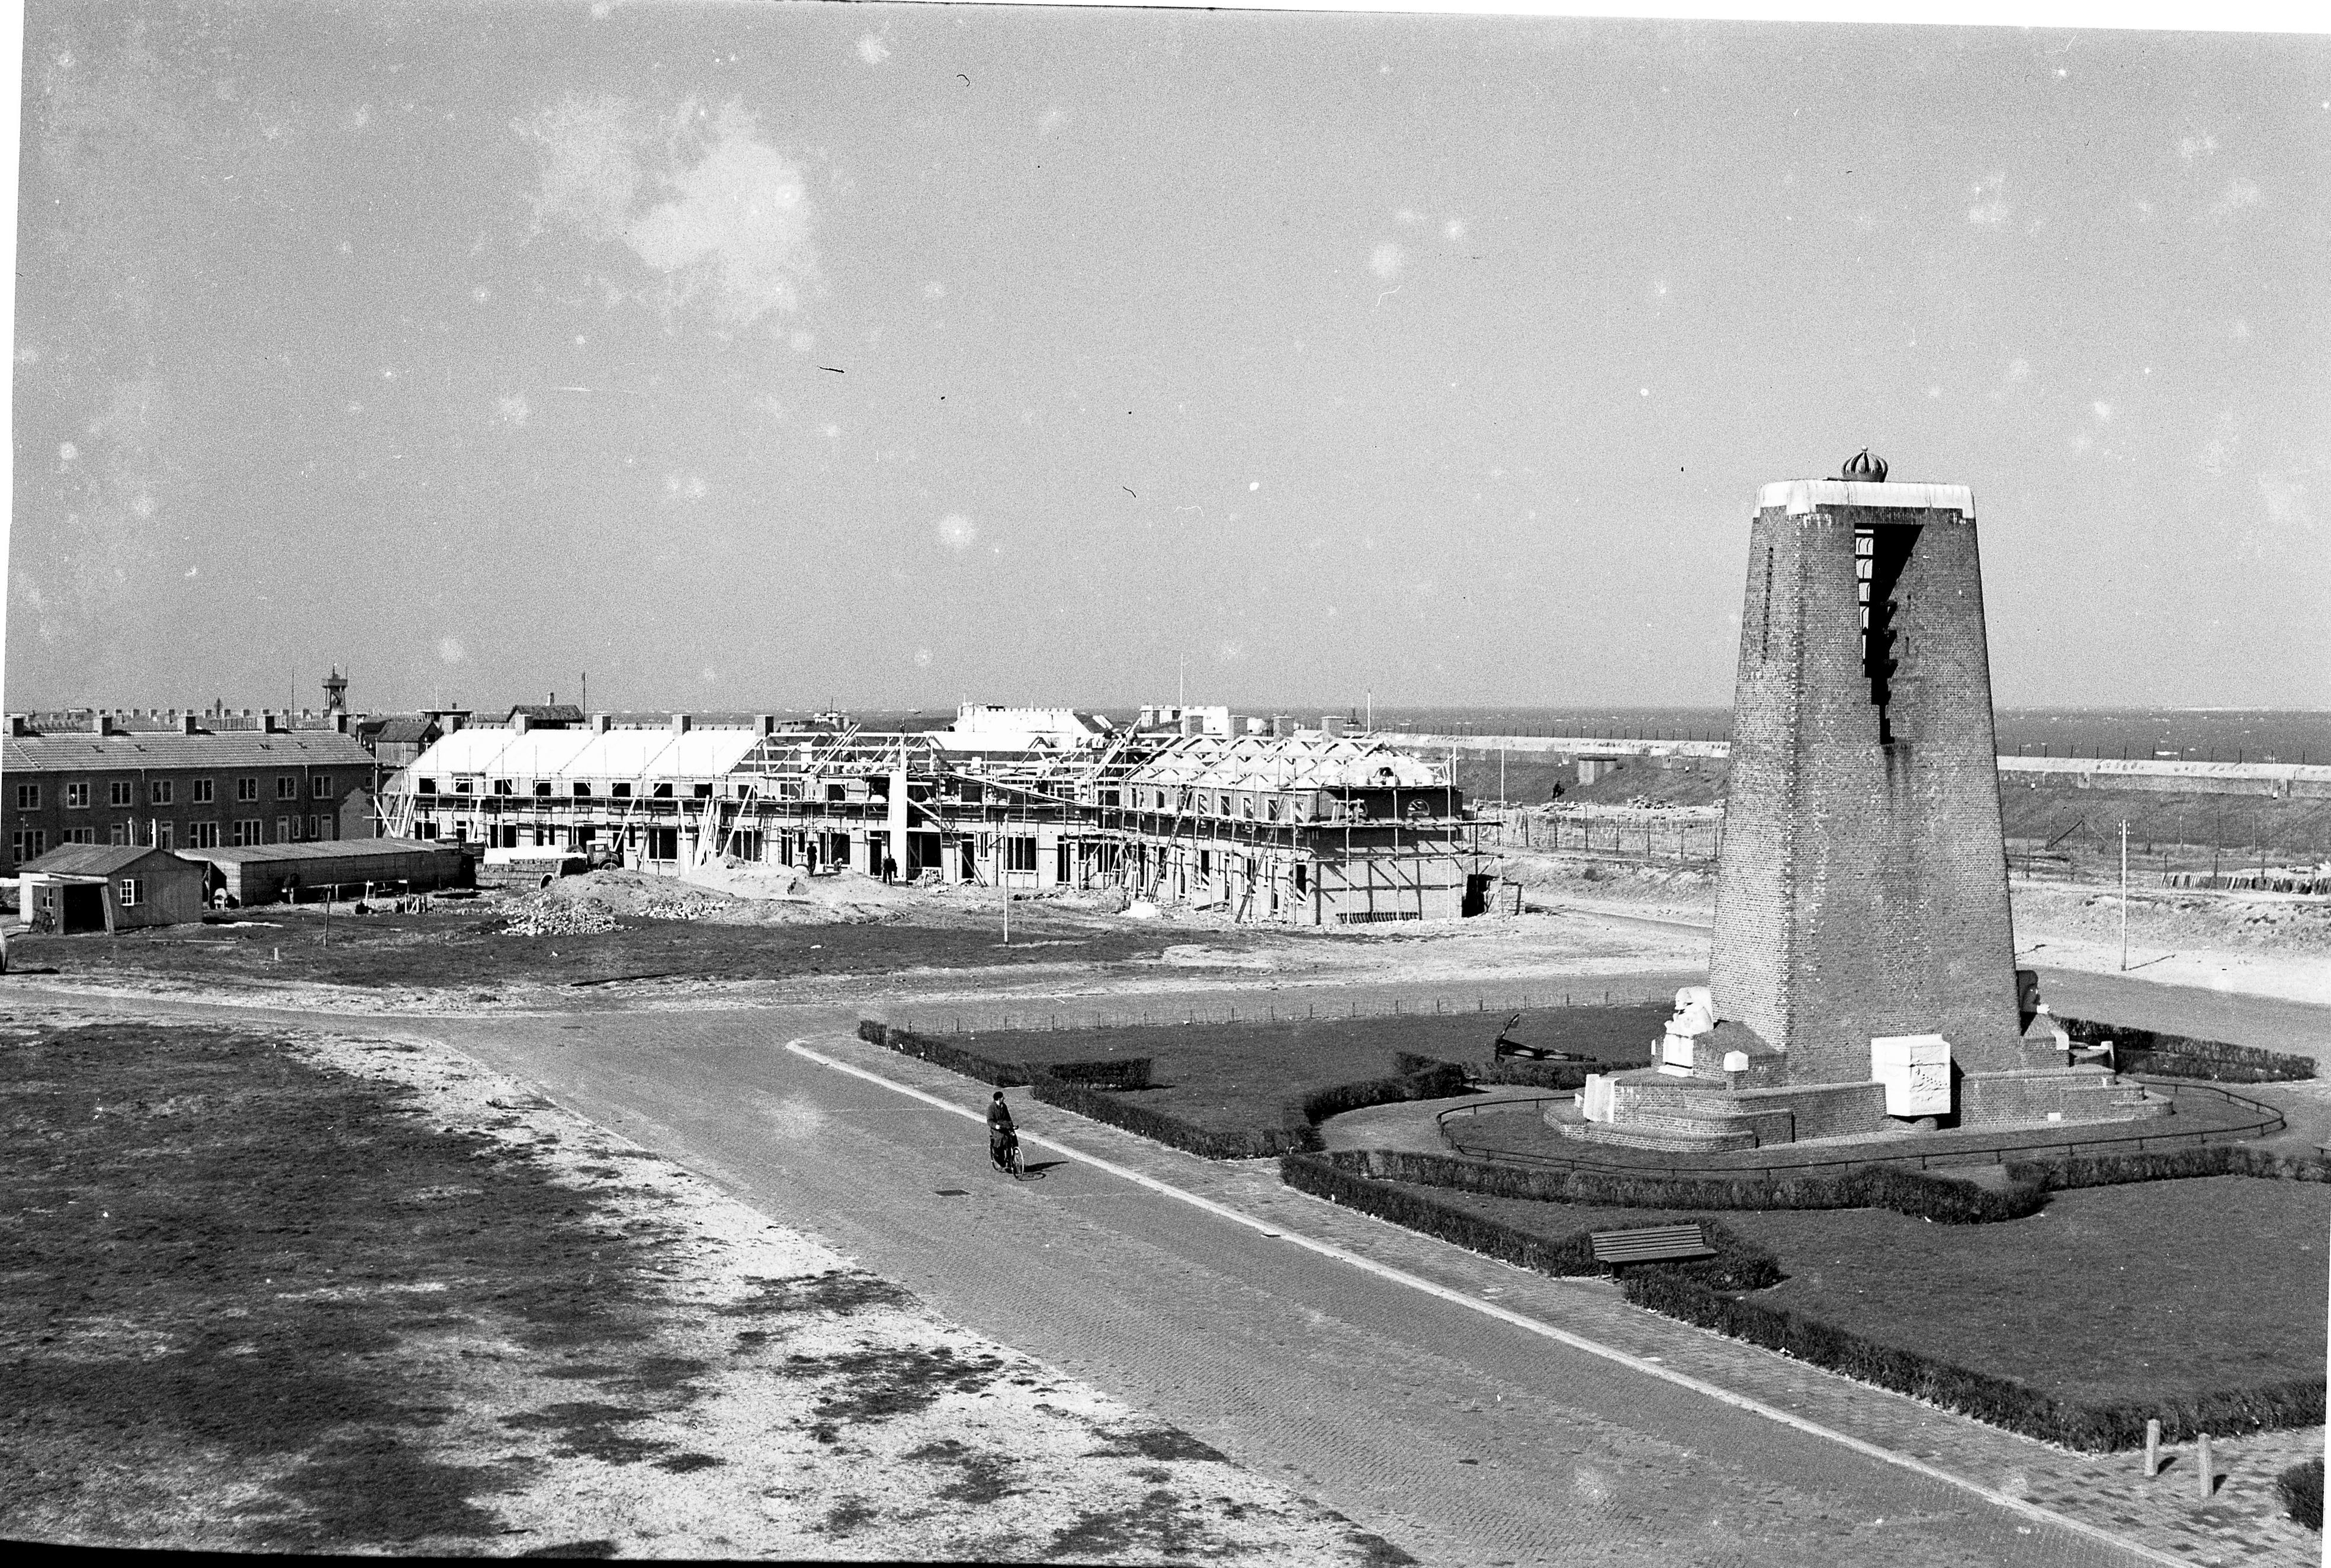 De neergang van een eeuwenoud kustdorp, stadsbestuur rook zijn kans na de Tweede Wereldoorlog